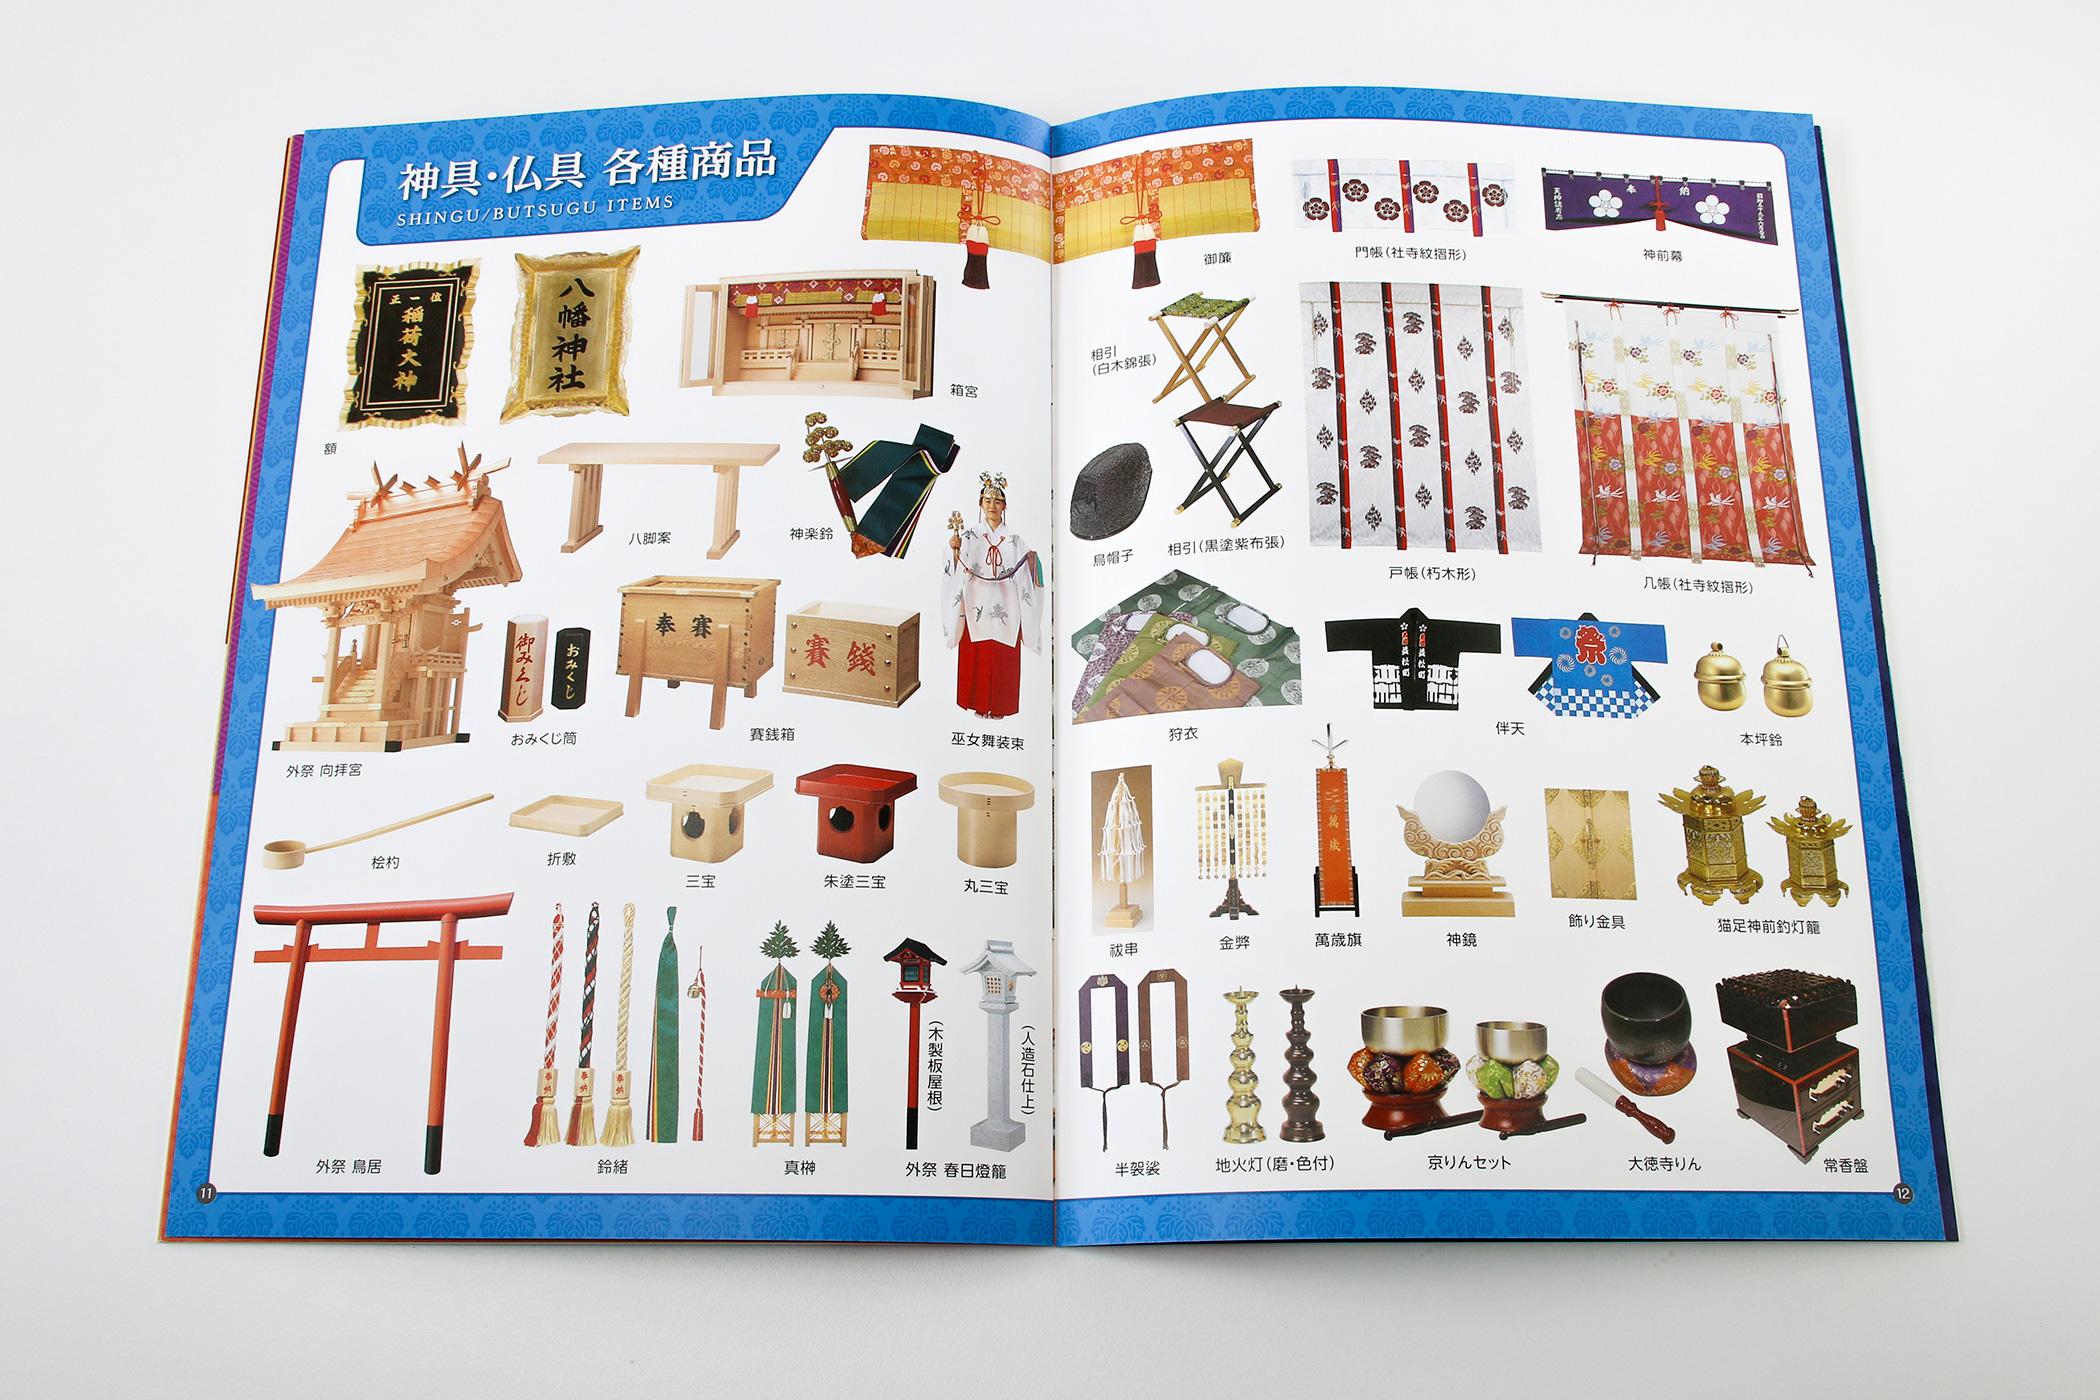 東和奉産株式会社-会社案内-神具・仏具商品